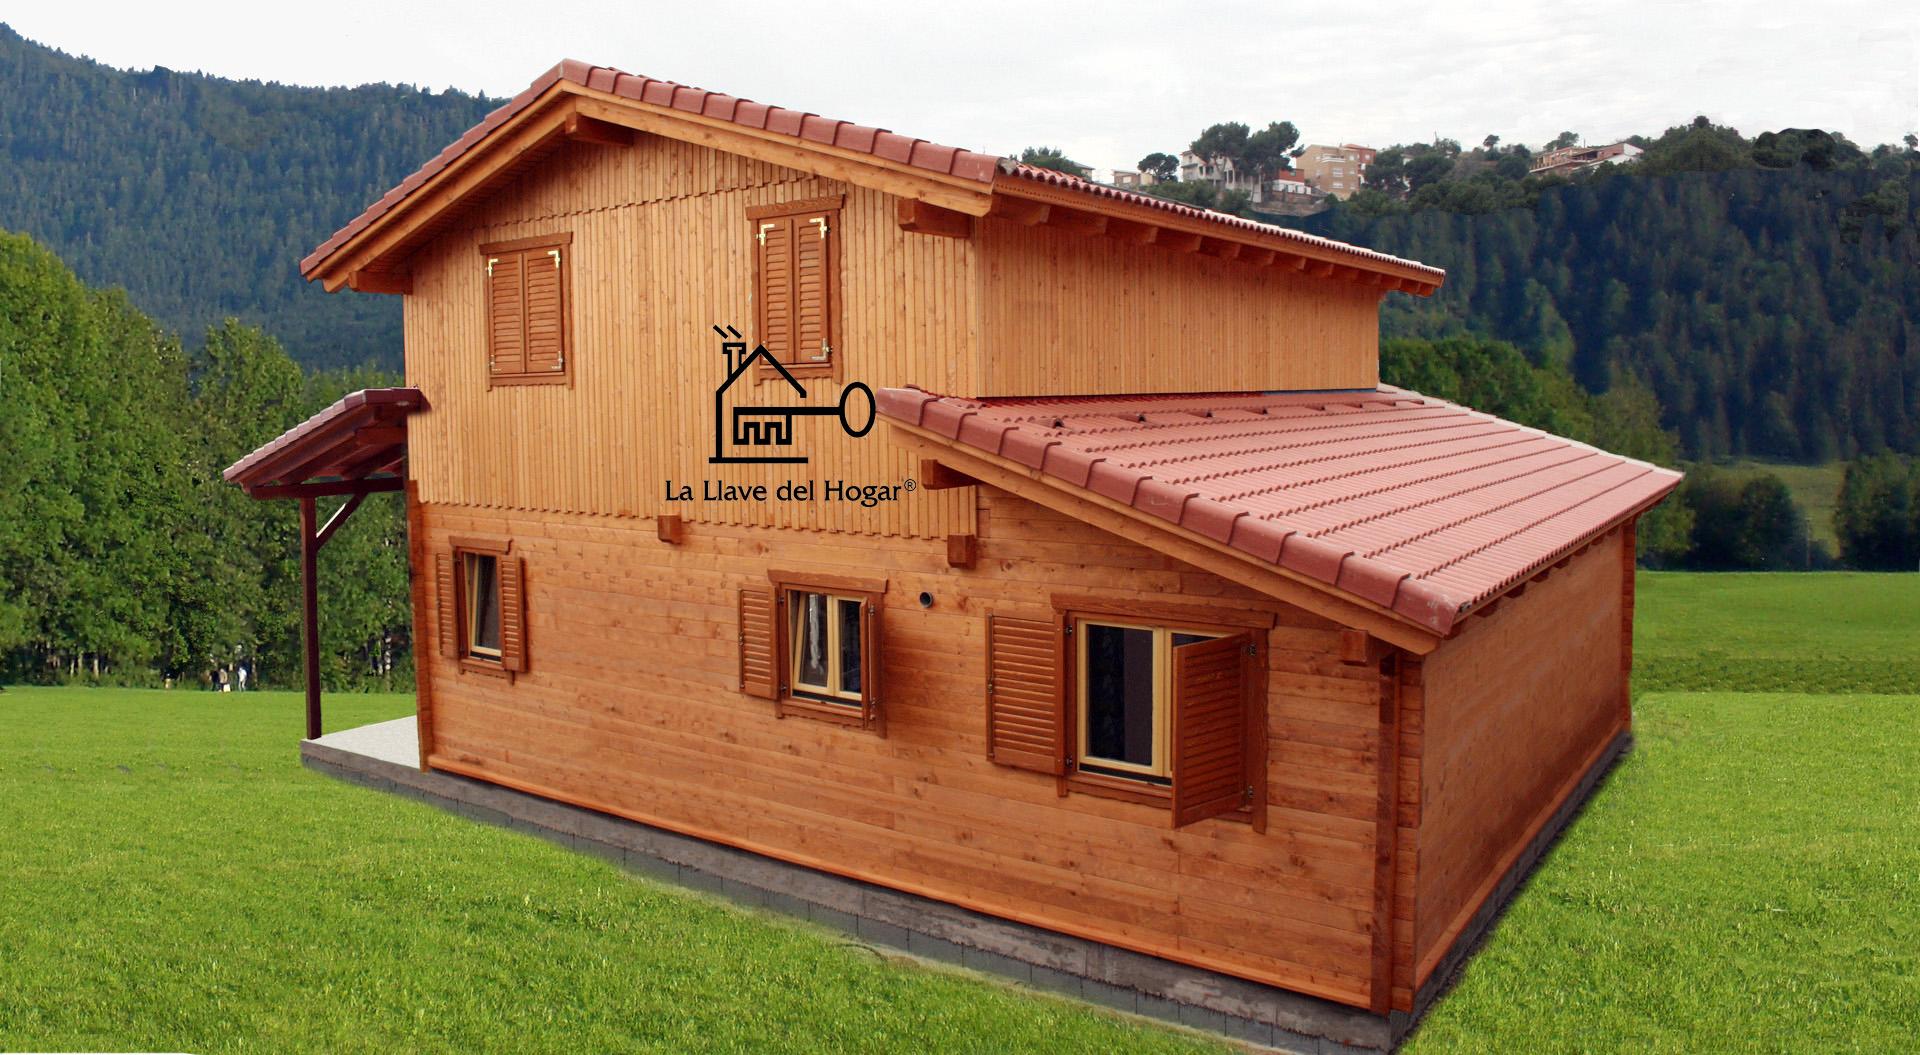 Pe alara plus 180m casas de madera la llave del hogar - La llave del hogar ...